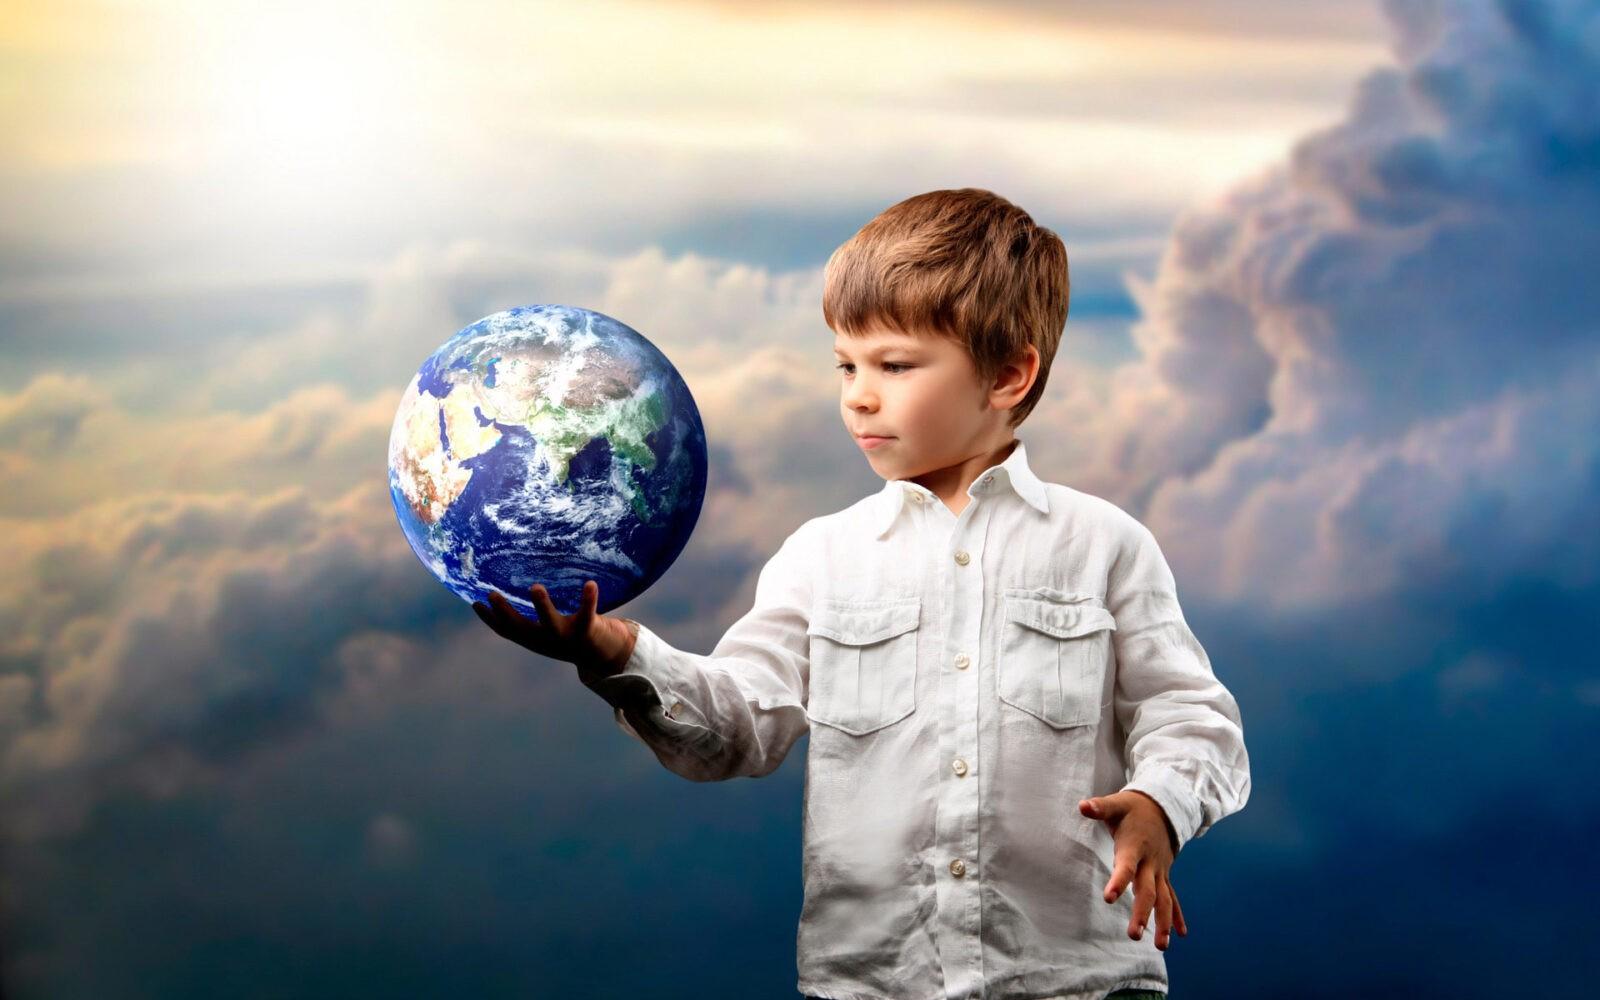 Узнайте, на котором этапе рождения вы сейчас, если мы рождаемся семь раз в жизни